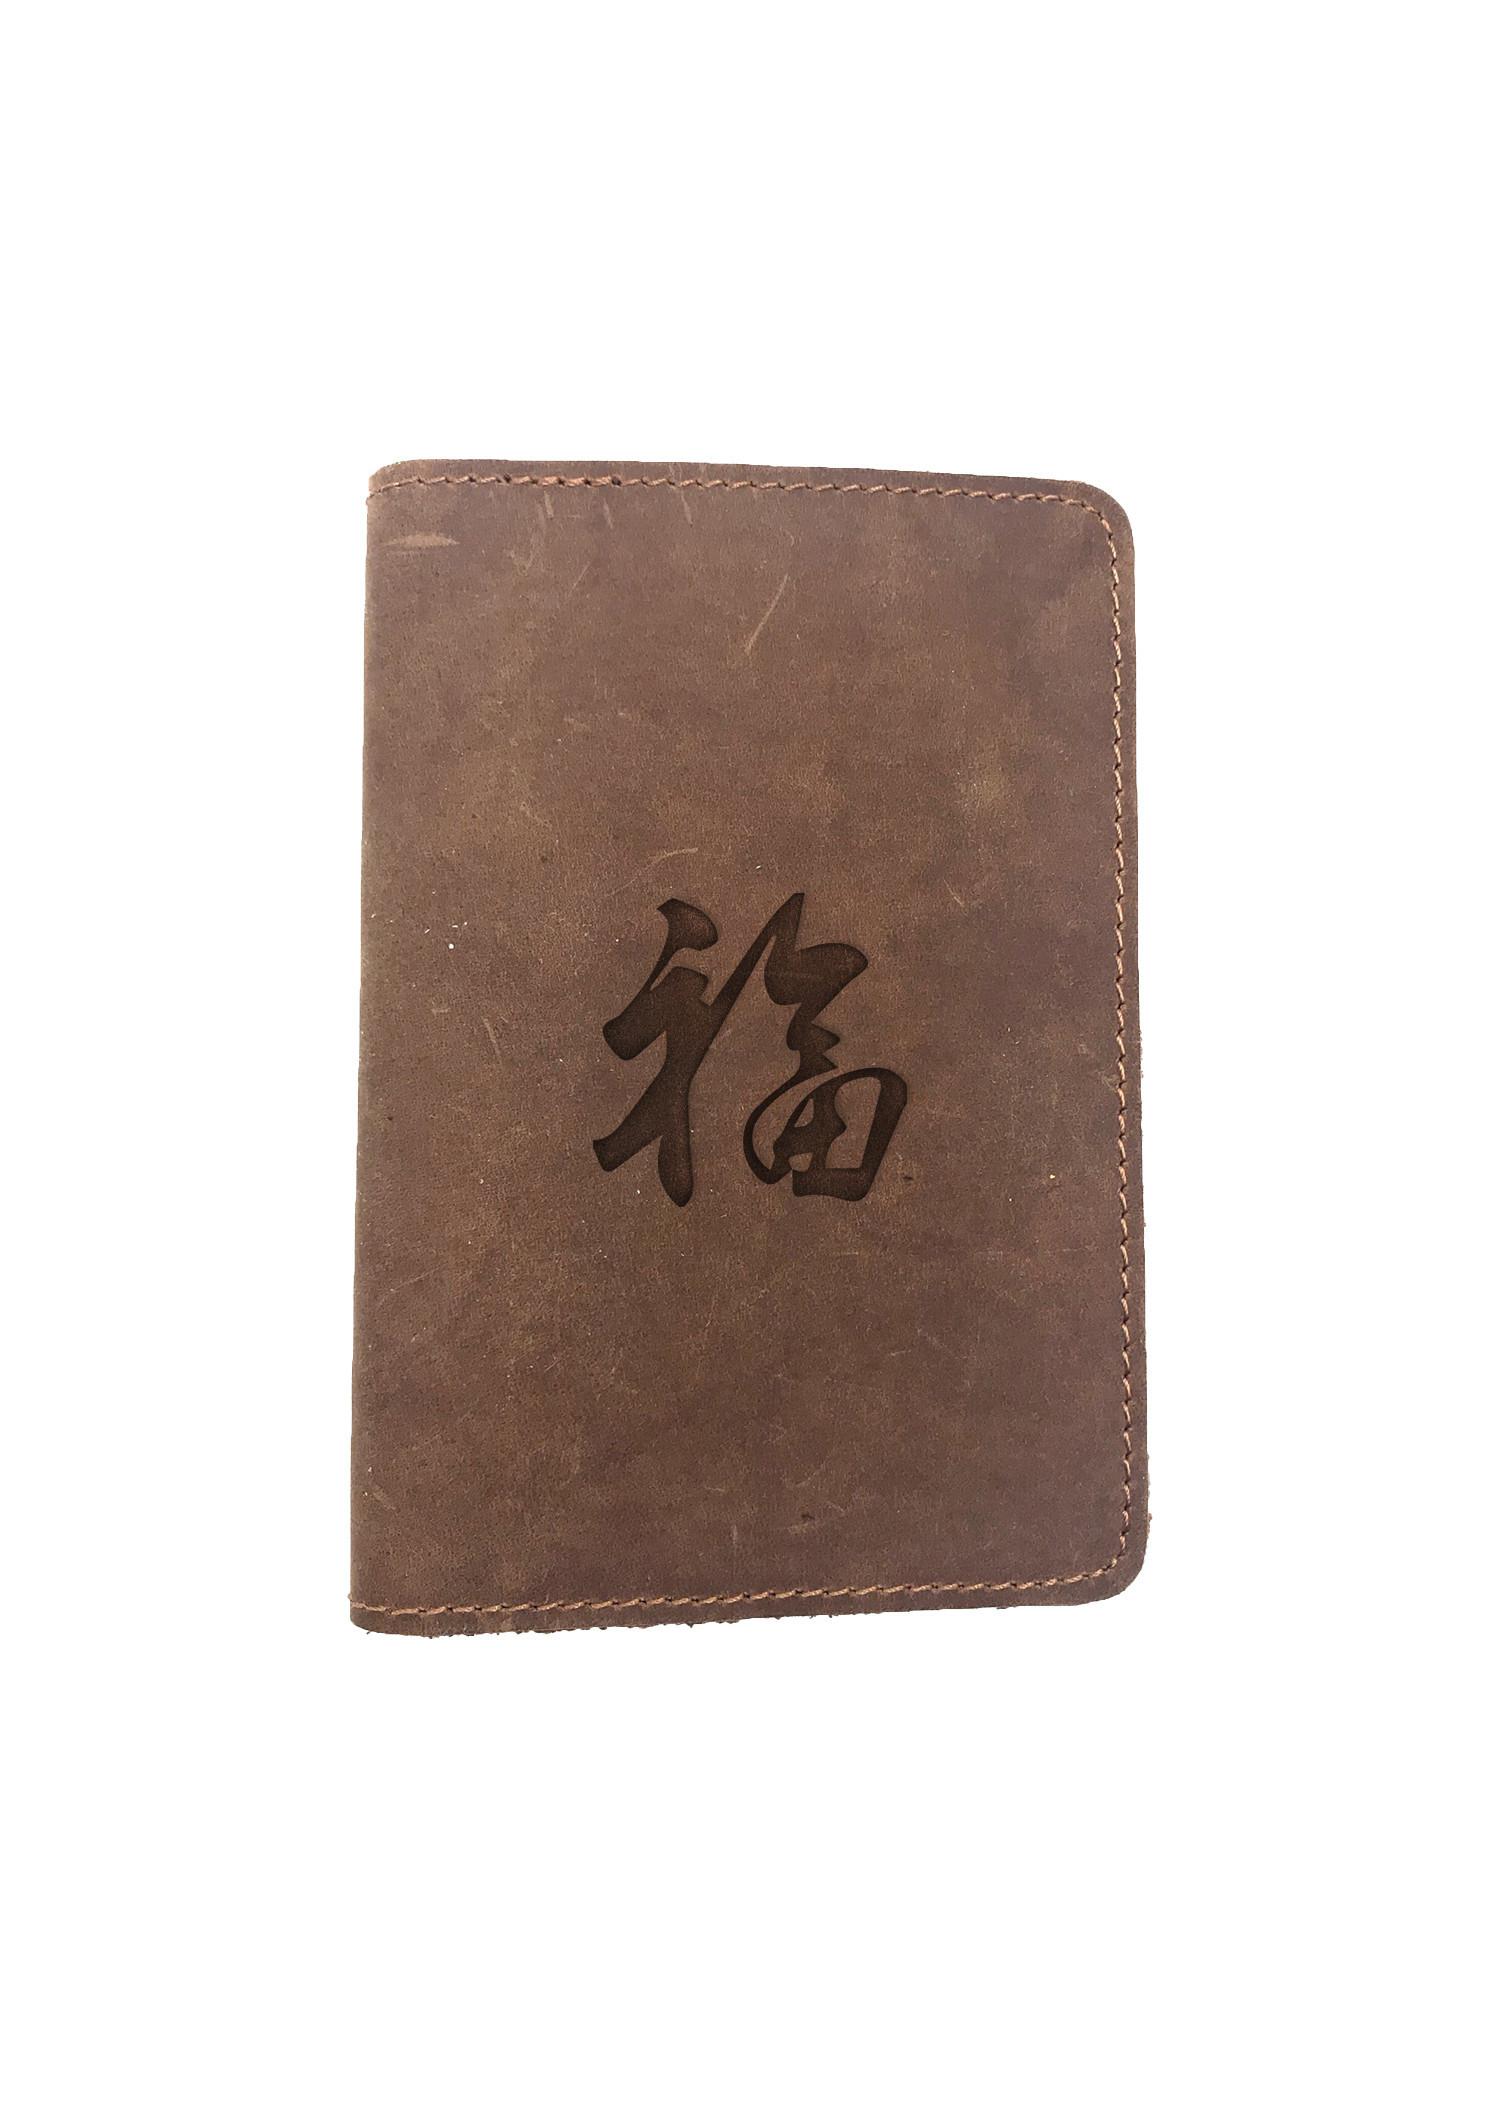 Passport Cover Bao Da Hộ Chiếu Da Sáp Khắc Hình Chữ Trung Quốc GOOD LUCK IN CHINESE (BROWN)